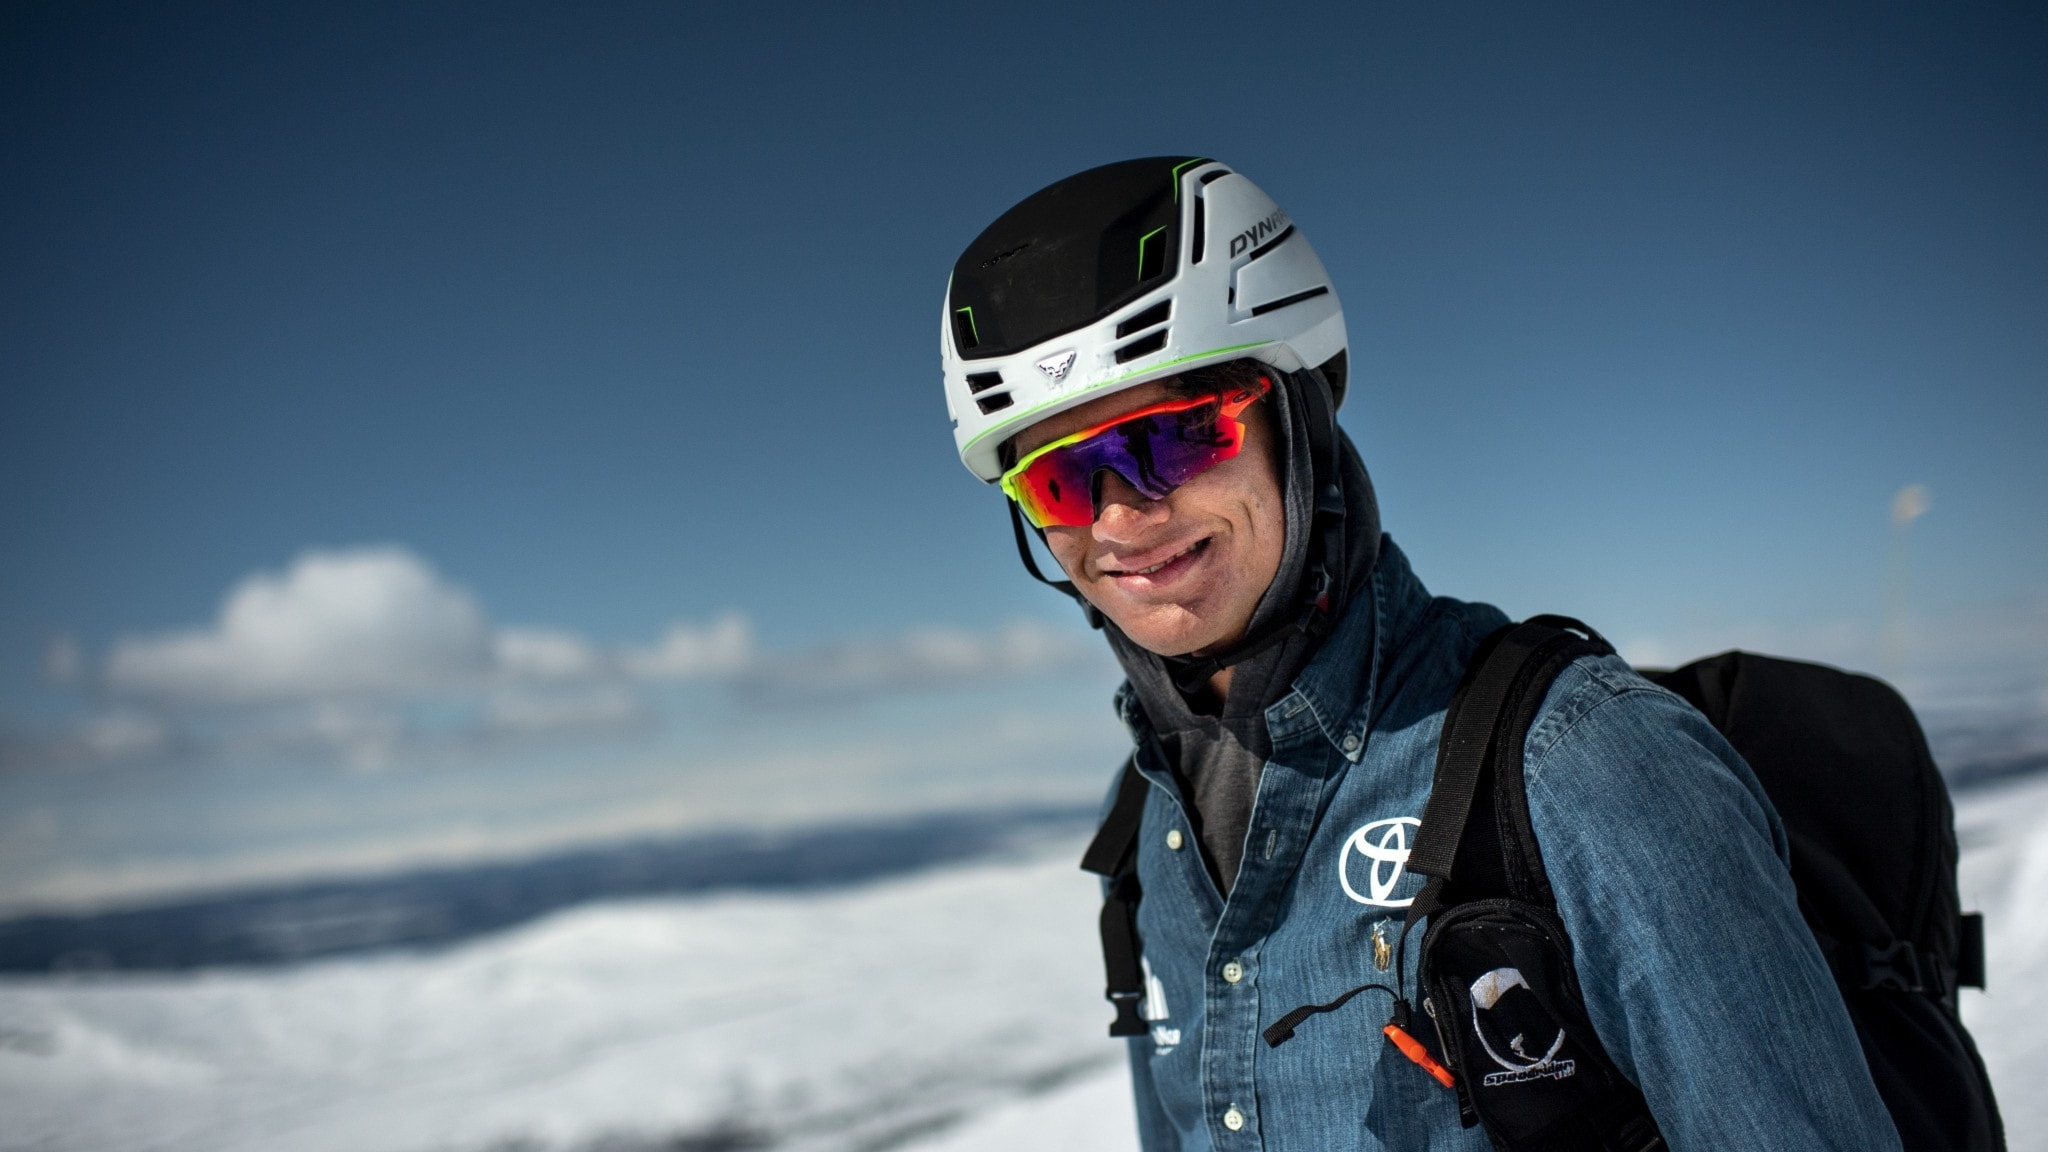 Van der Poel åker skidor i Åre för att bli bättre på skridskor